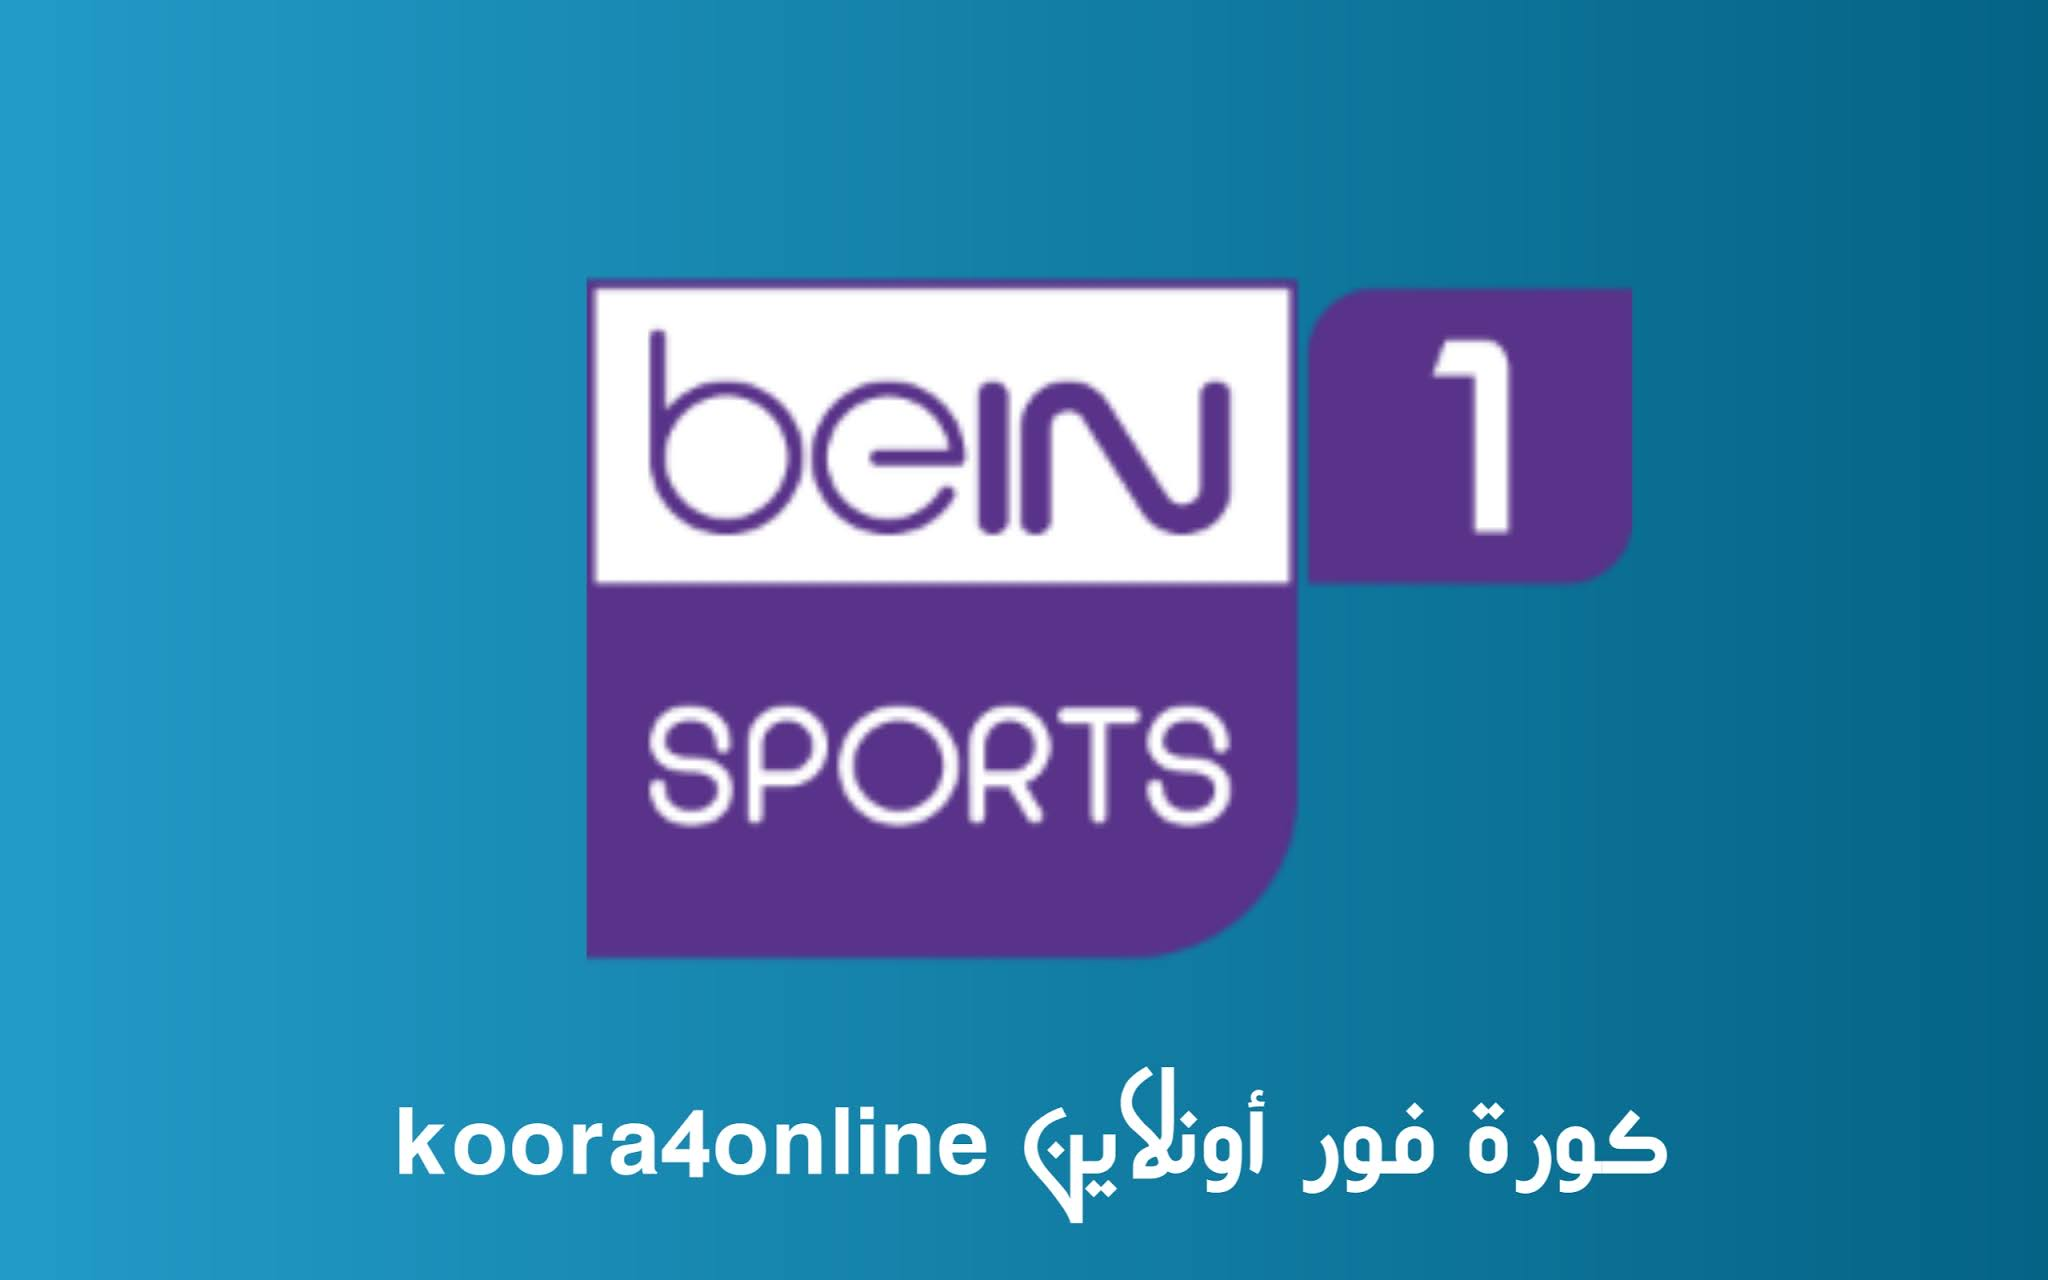 مشاهدة قناة بي إن سبورت 1  | bein sports 1 بجودة عالية و بدون تقطيع